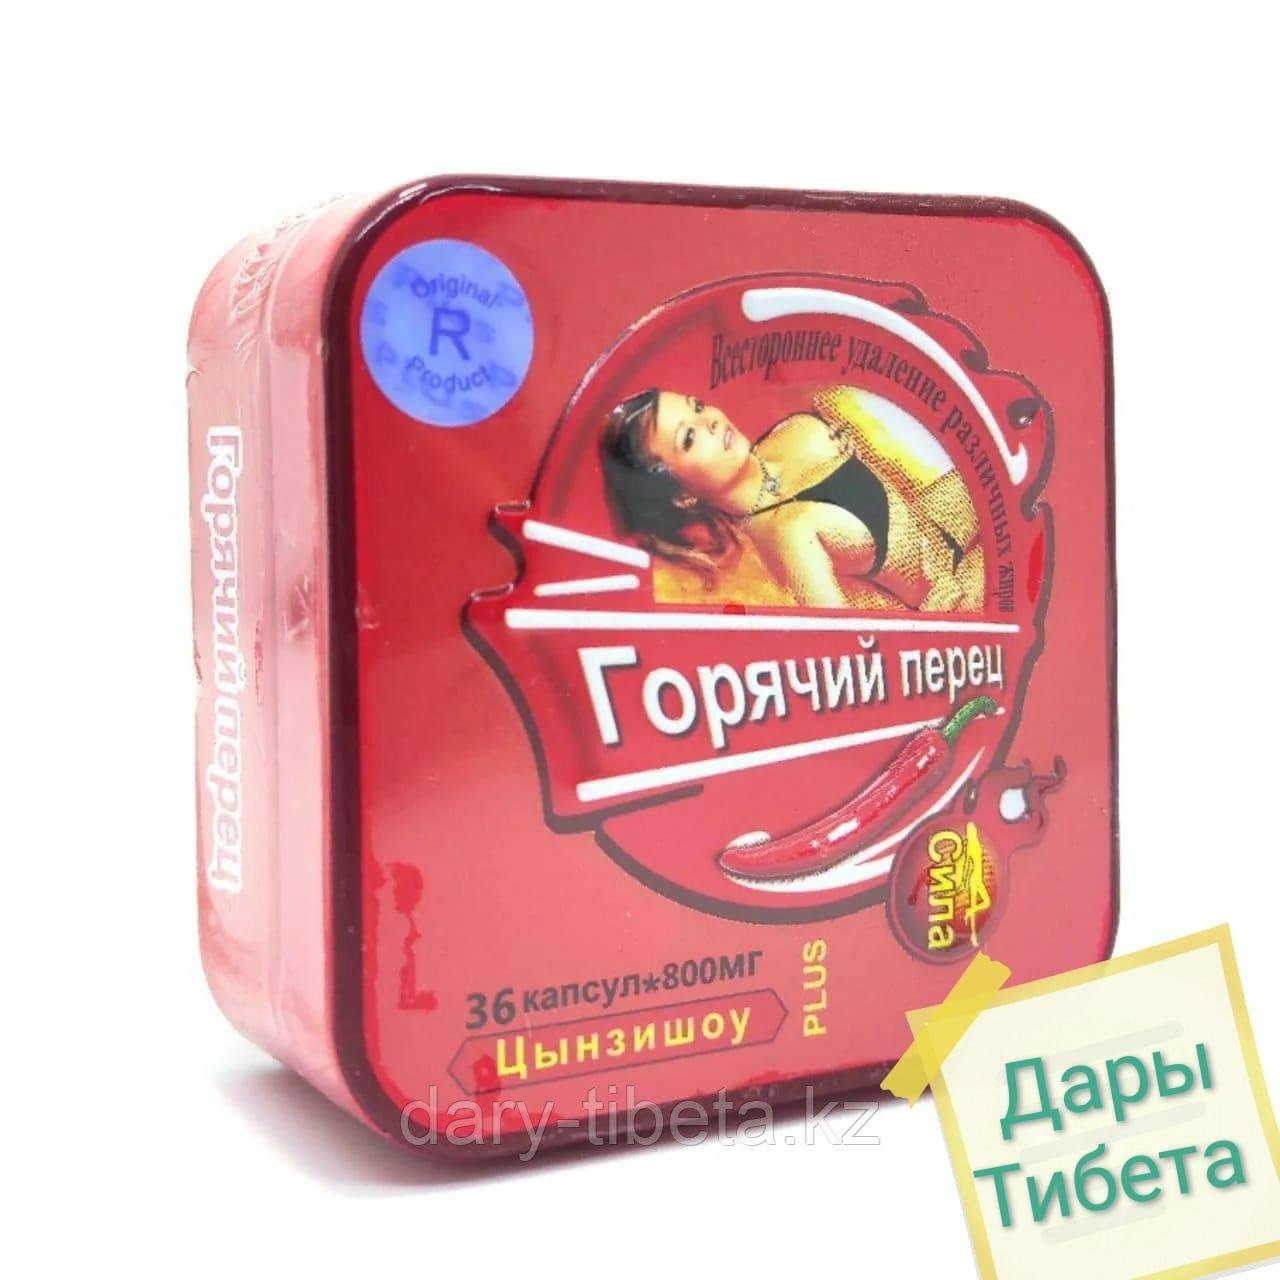 Горячий перец- Металлическая упаковка(от Цынзишоу)